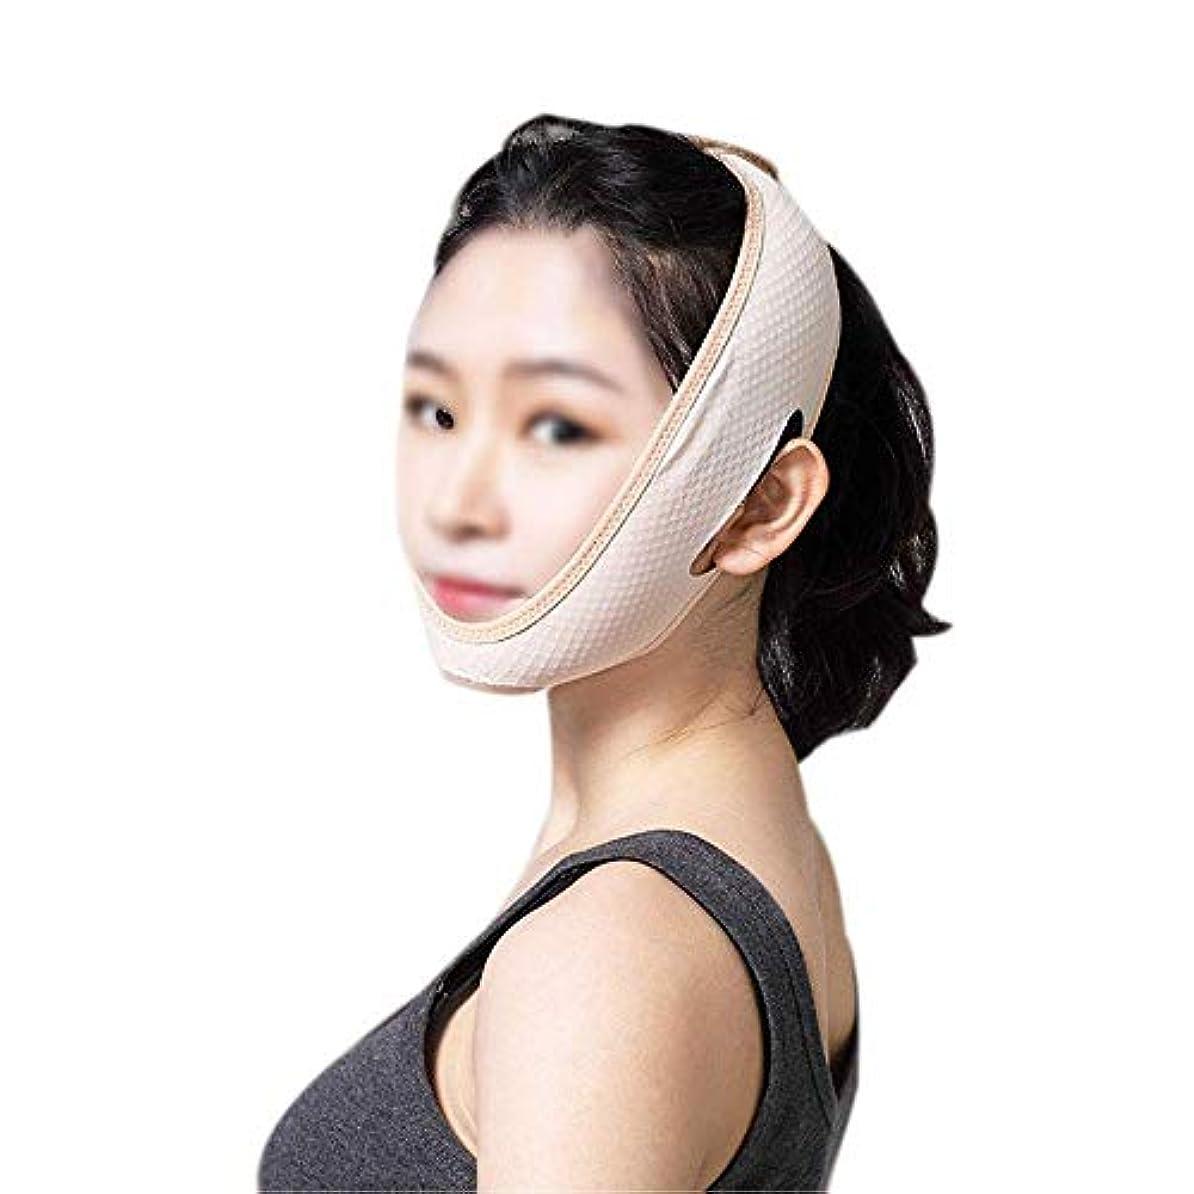 ファントムシミュレートする汚物フェイスリフティングバンデージ、肌の引き締めを強化する薄いフェイスマスクの睡眠、ダブルチンマスクの削減